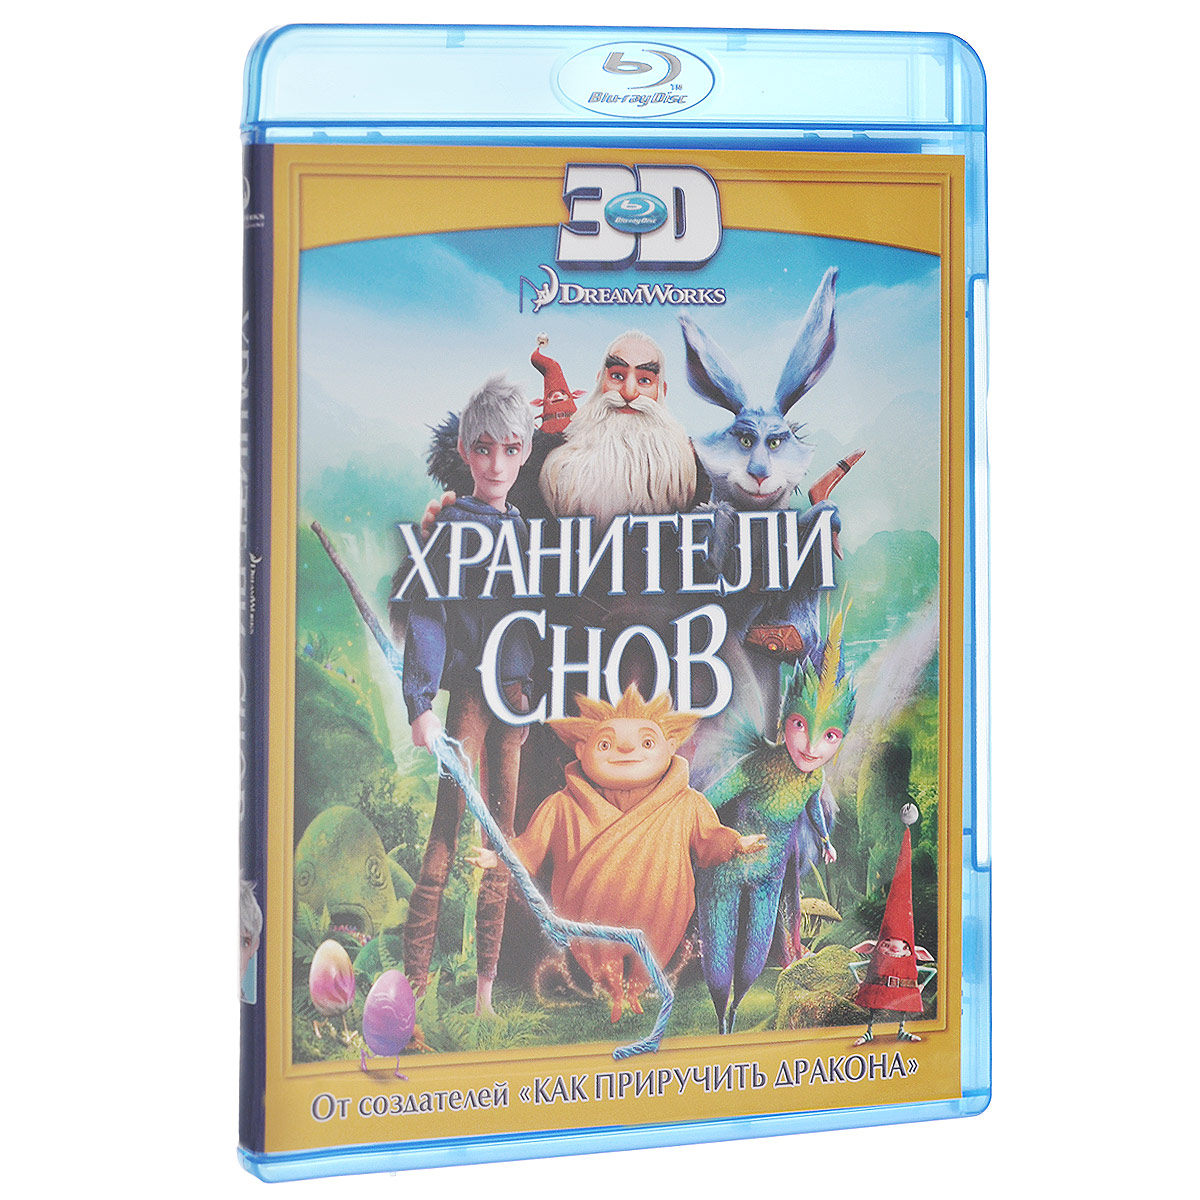 Хранители снов 3D (Blu-ray) чудо на гудзоне blu ray